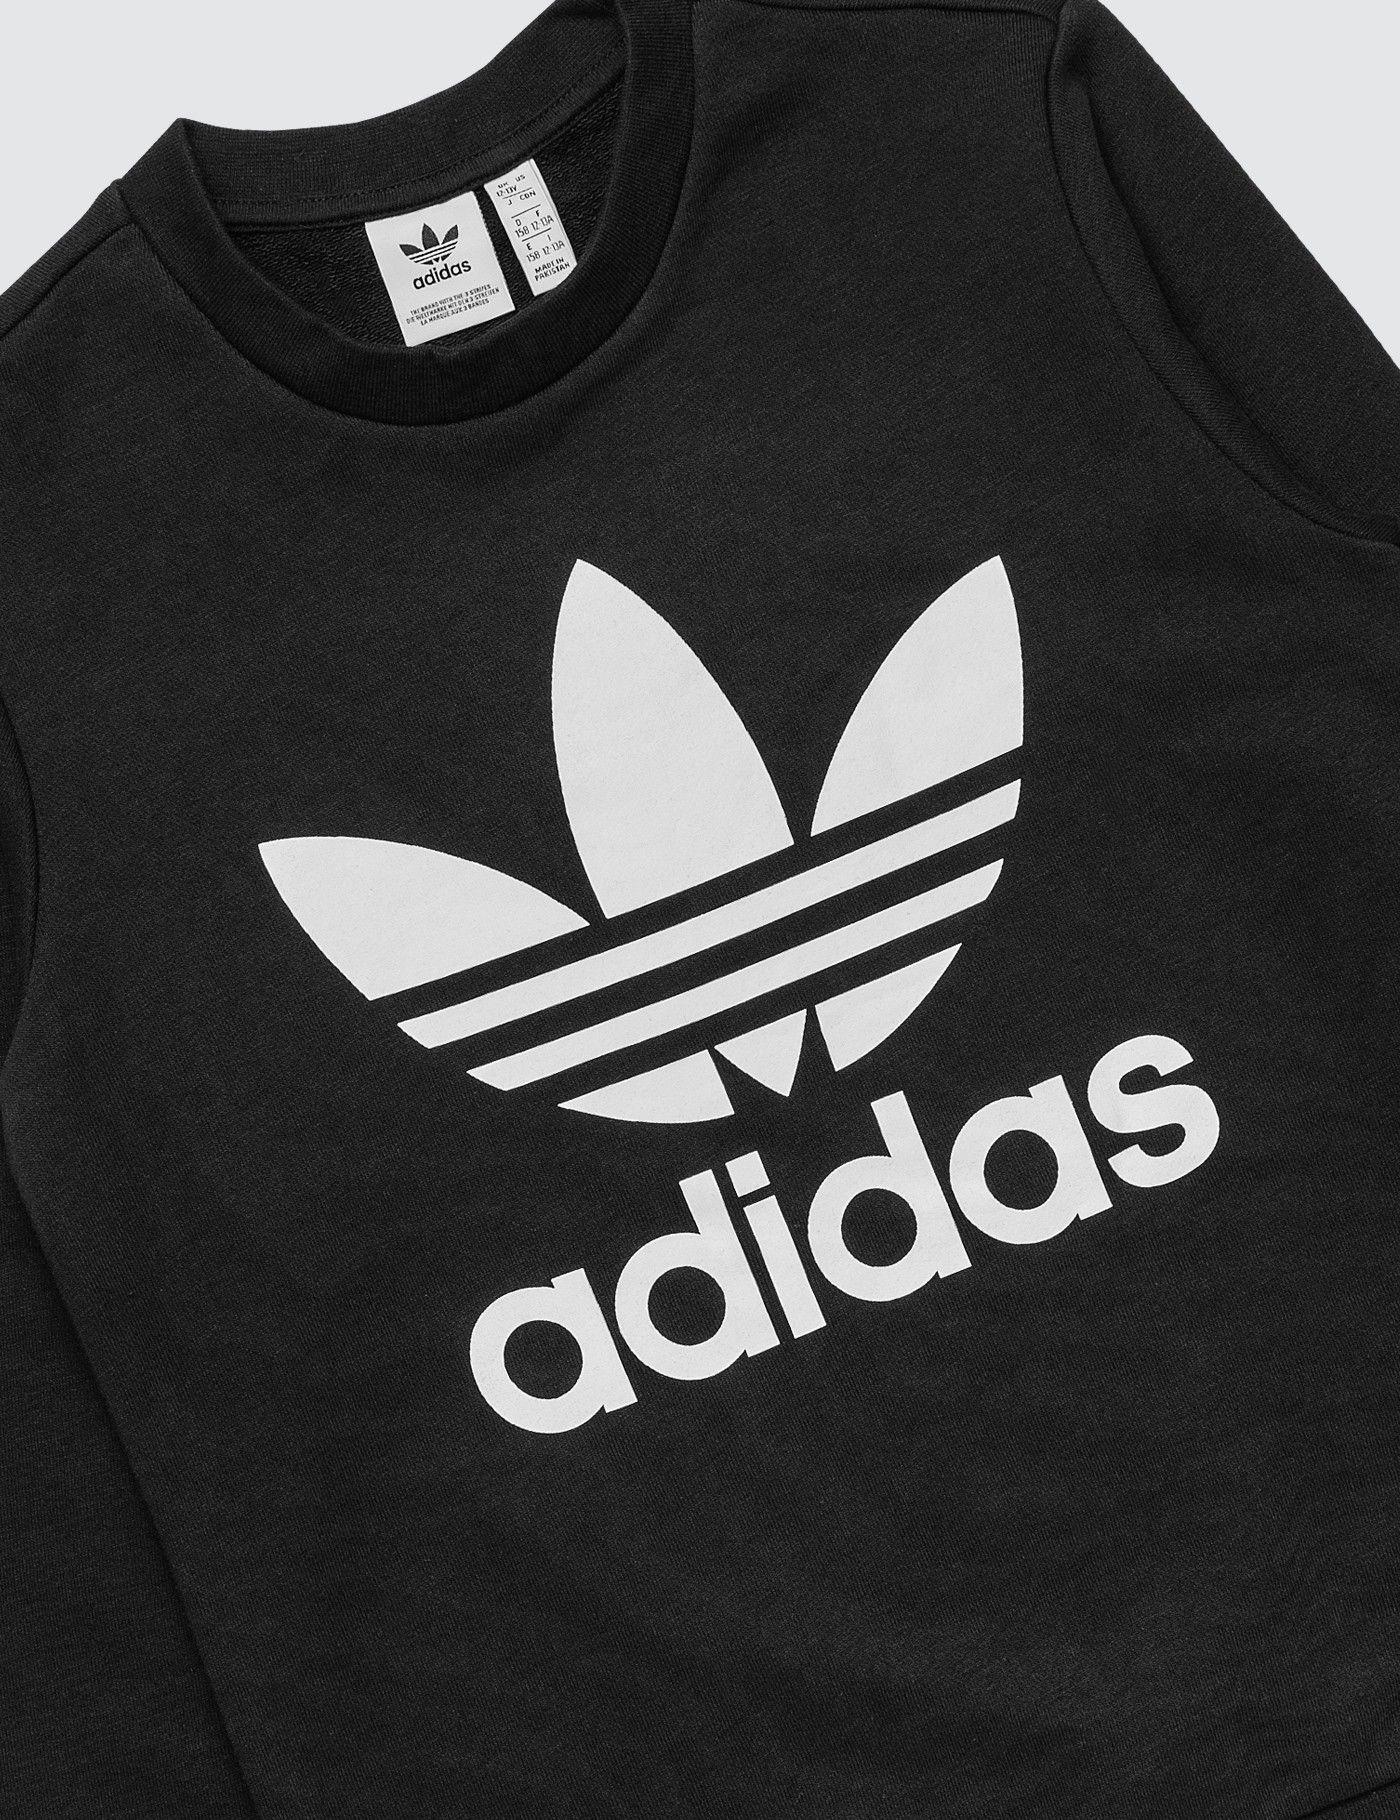 Adidas Adidas Originals Crew Neck Sweatshirt Farfetch Adidas Sweatshirt Mens Adidas Sweater Crew Neck Sweatshirt [ 1334 x 1000 Pixel ]